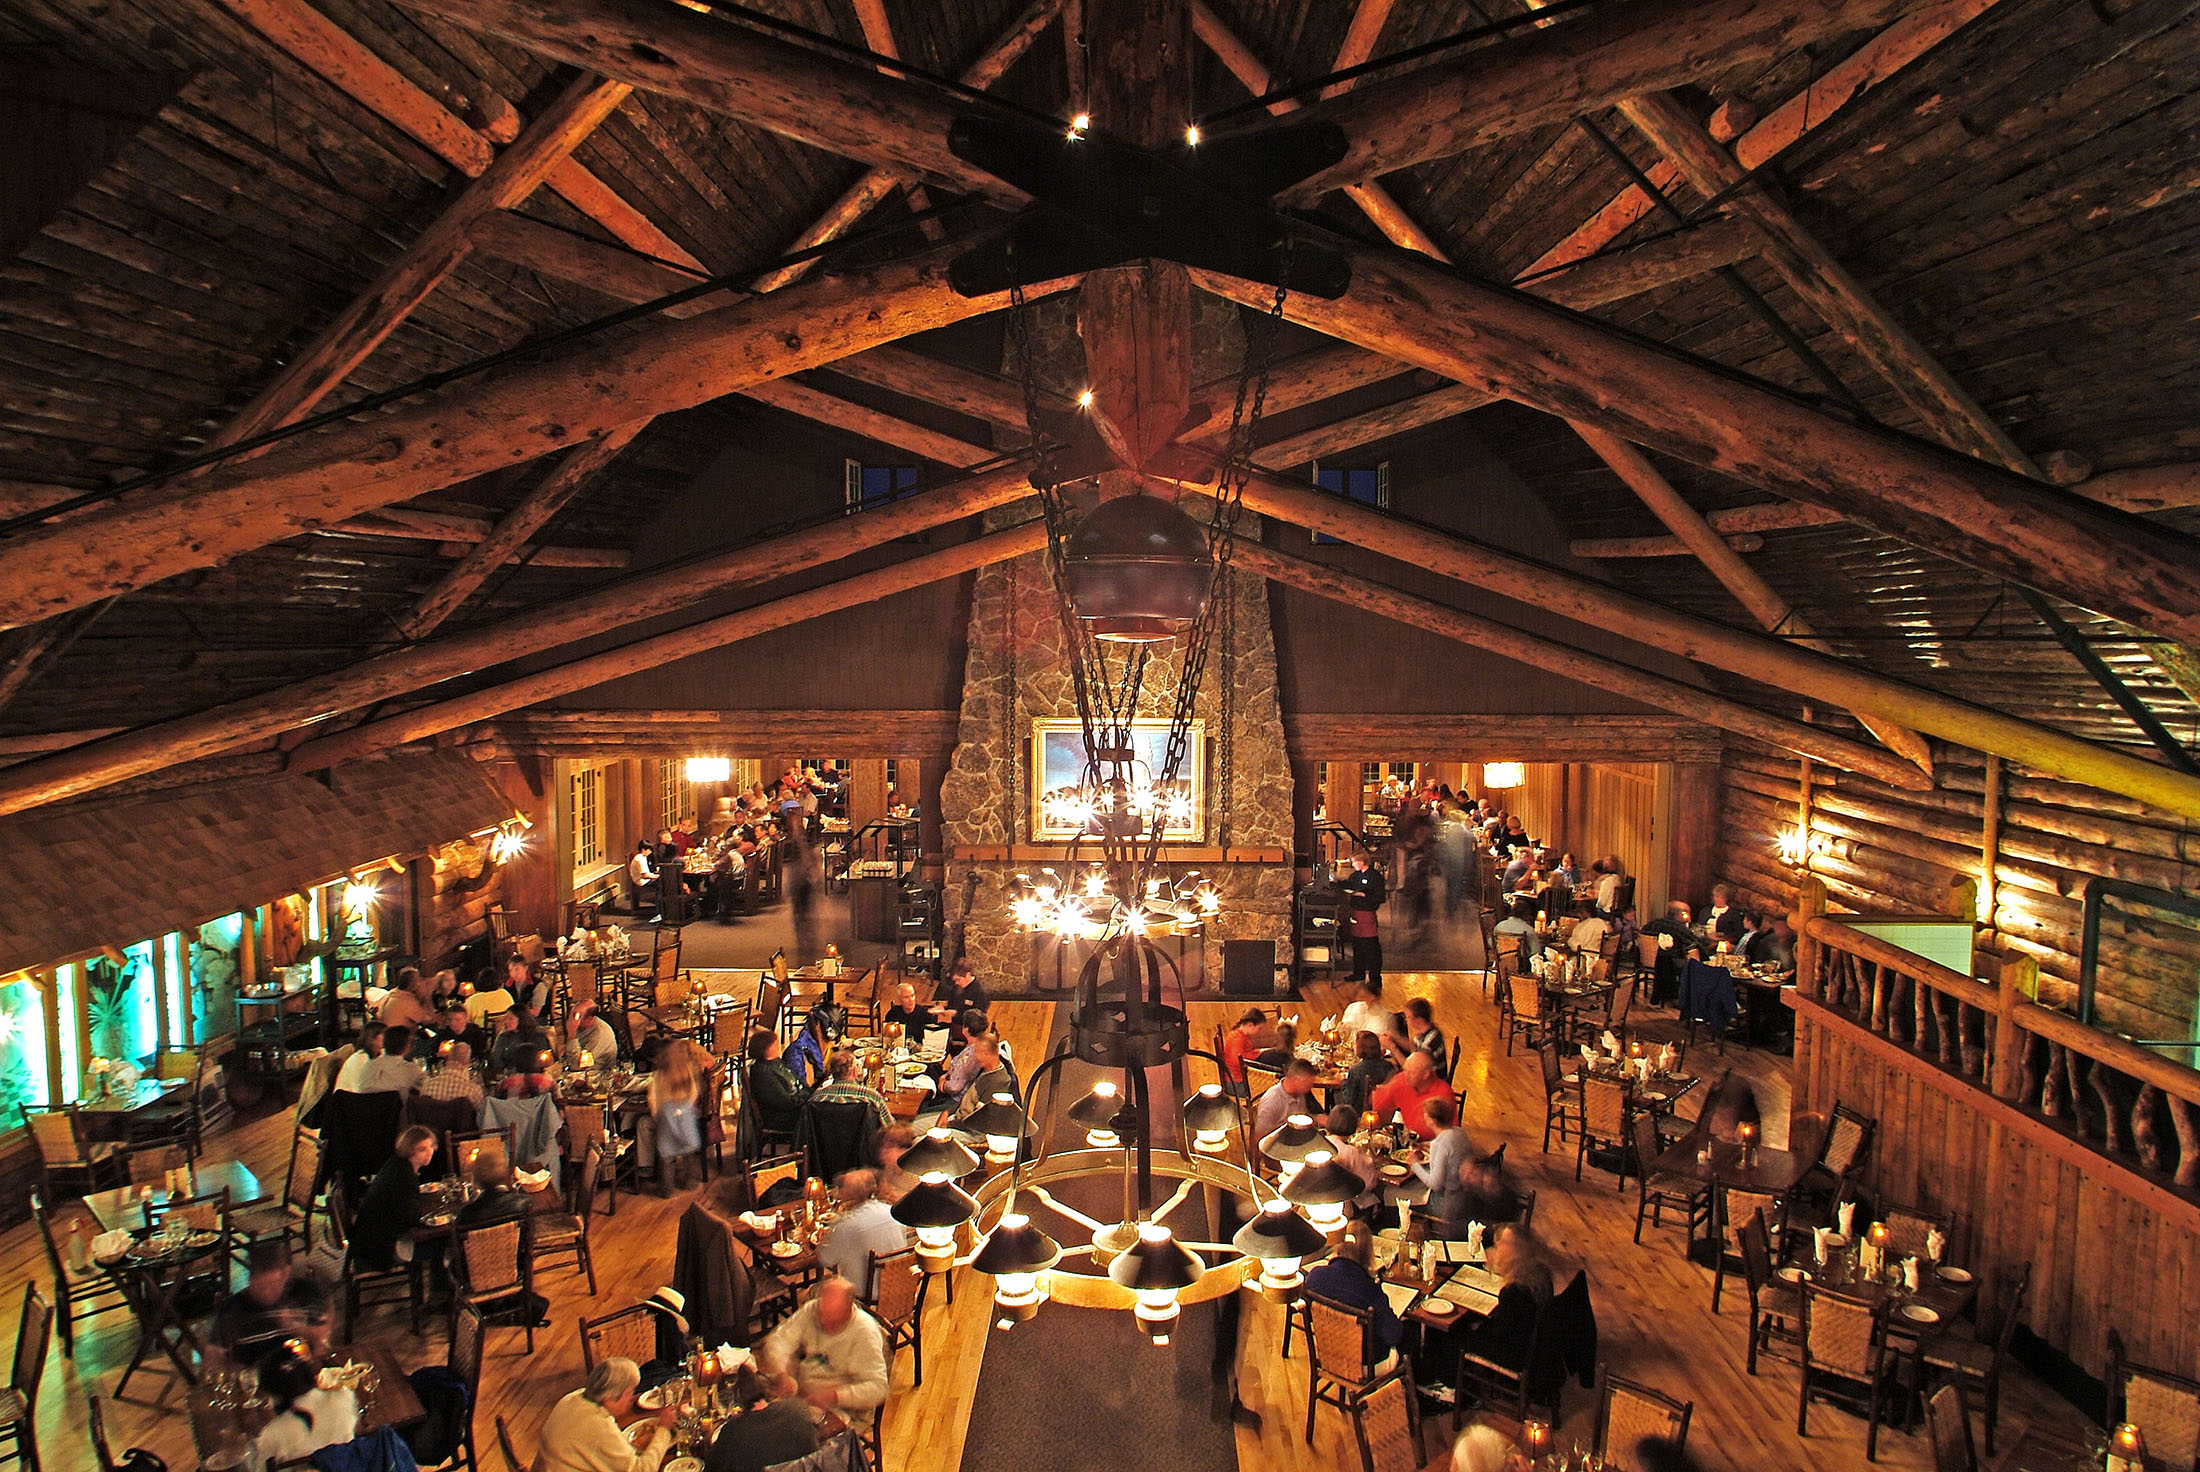 Old Faithful Inn Dining Room Menu Old Faithful Inn Dining Room 2